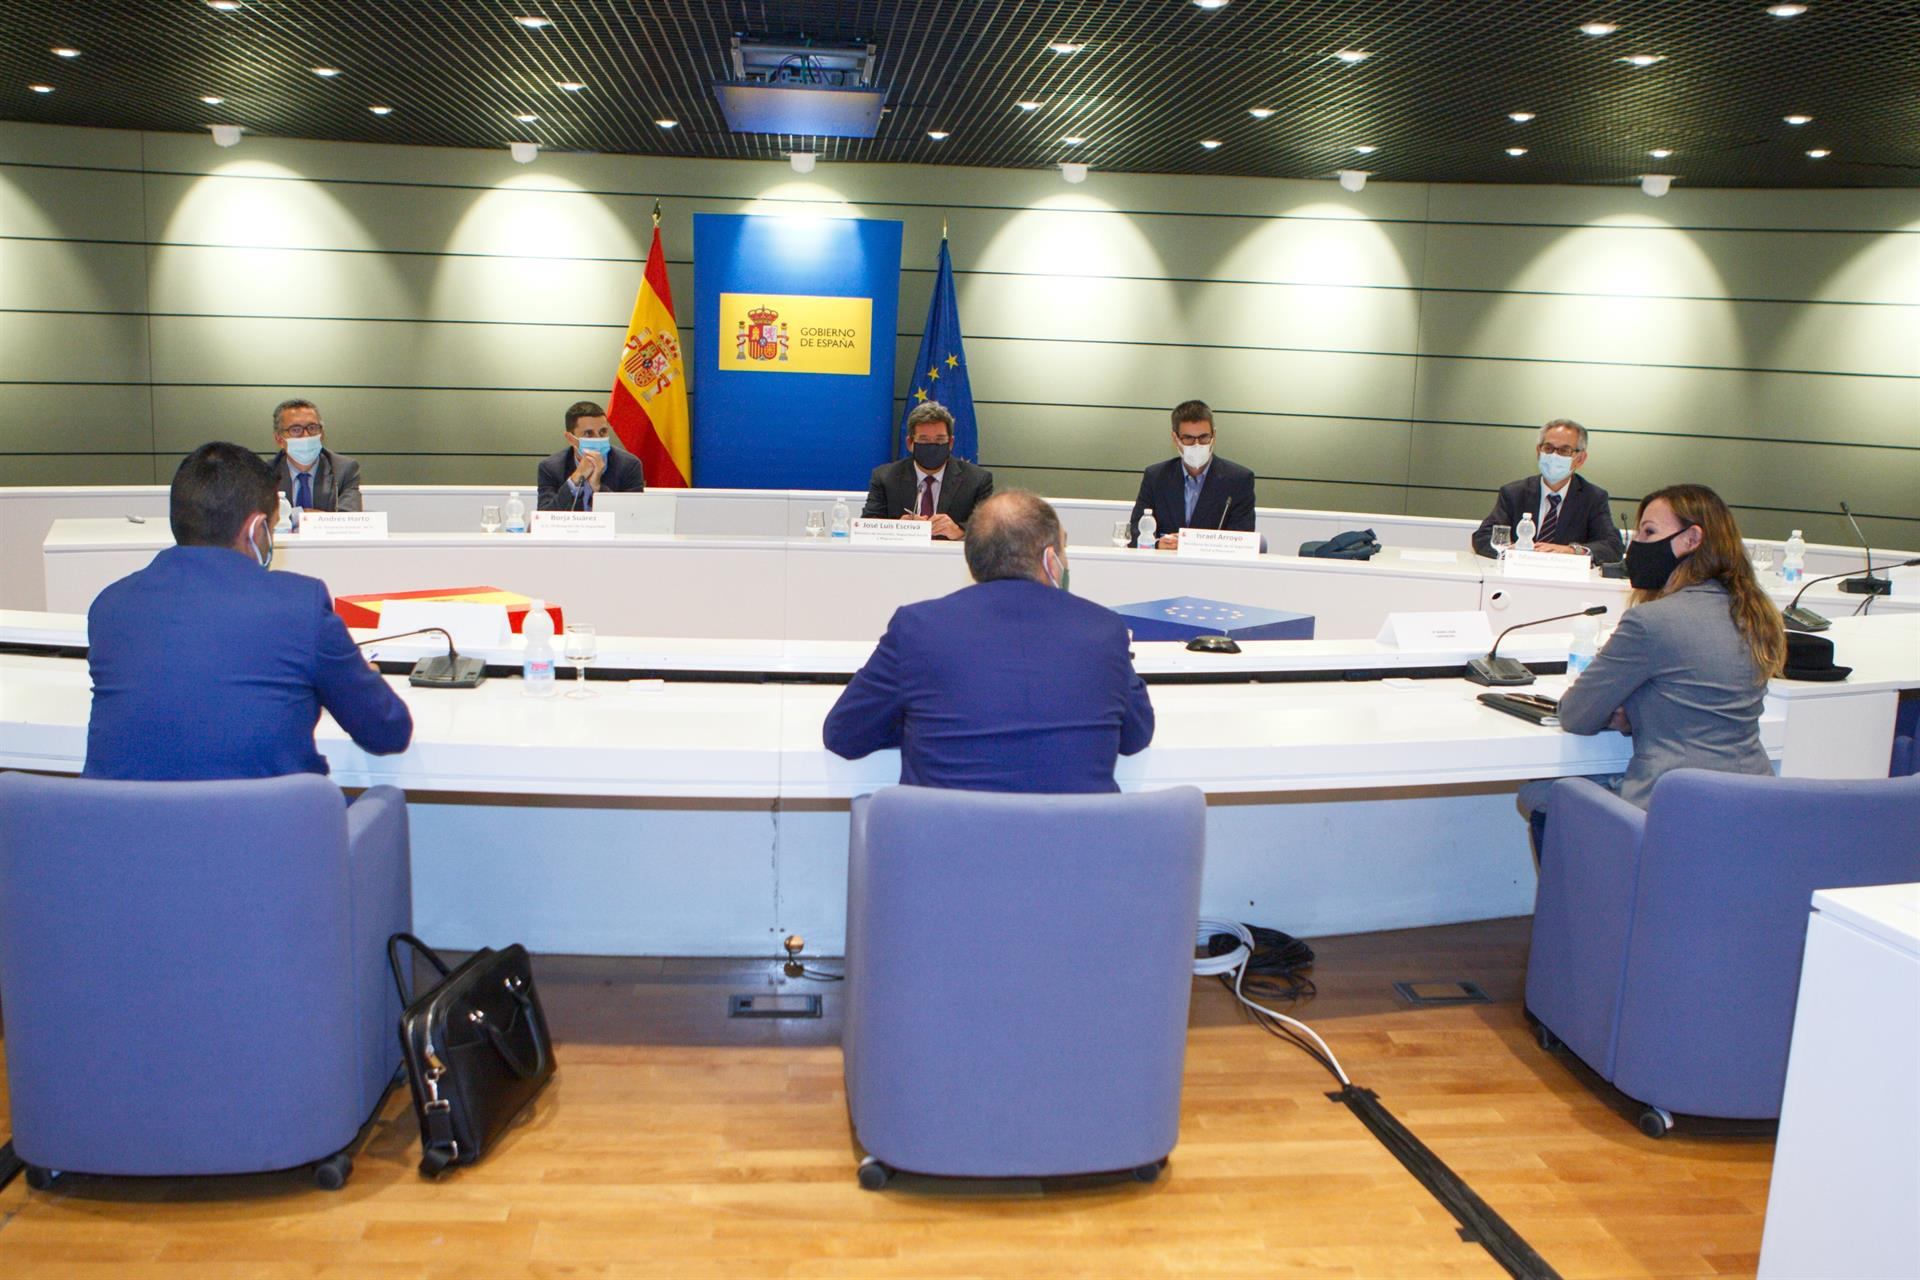 Reunión entre el ministro de Inclusión, Seguridad Social y Migraciones, José Luis Escrivá, y las organizaciones de autónomos